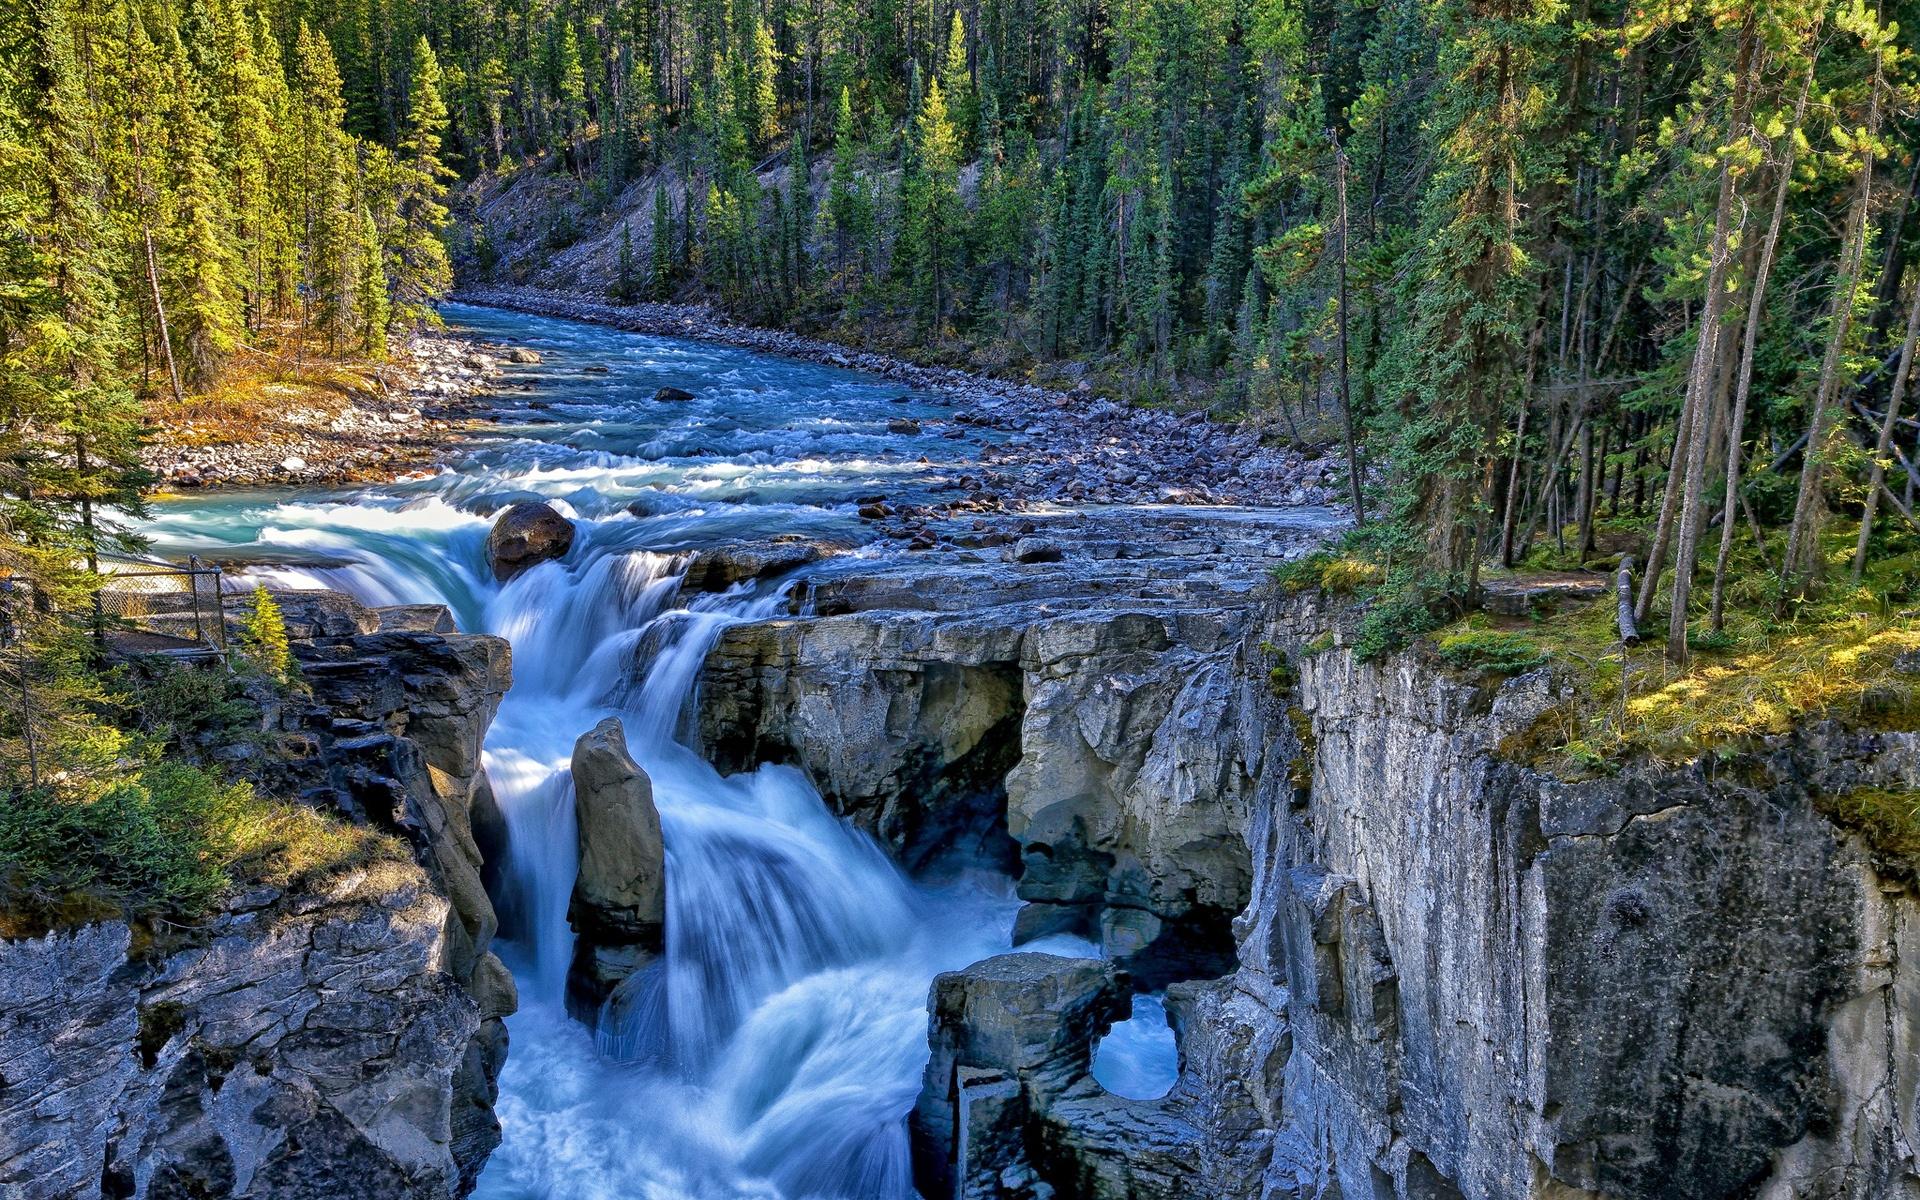 природа река водопад деревья  № 2490161 бесплатно